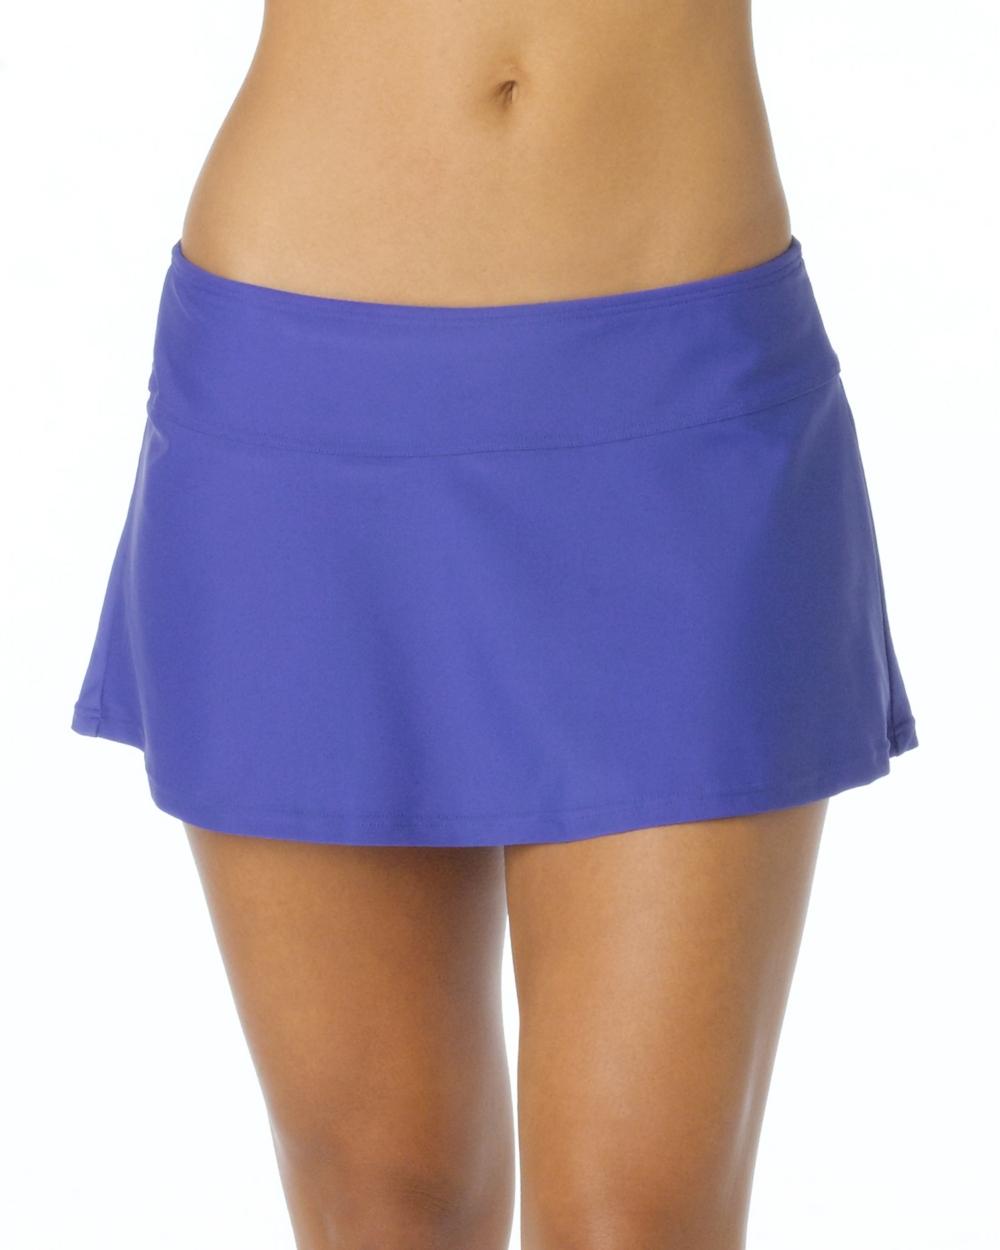 2015 Prana Activewear Sakti Swim Skirt in Sail Blue - Front